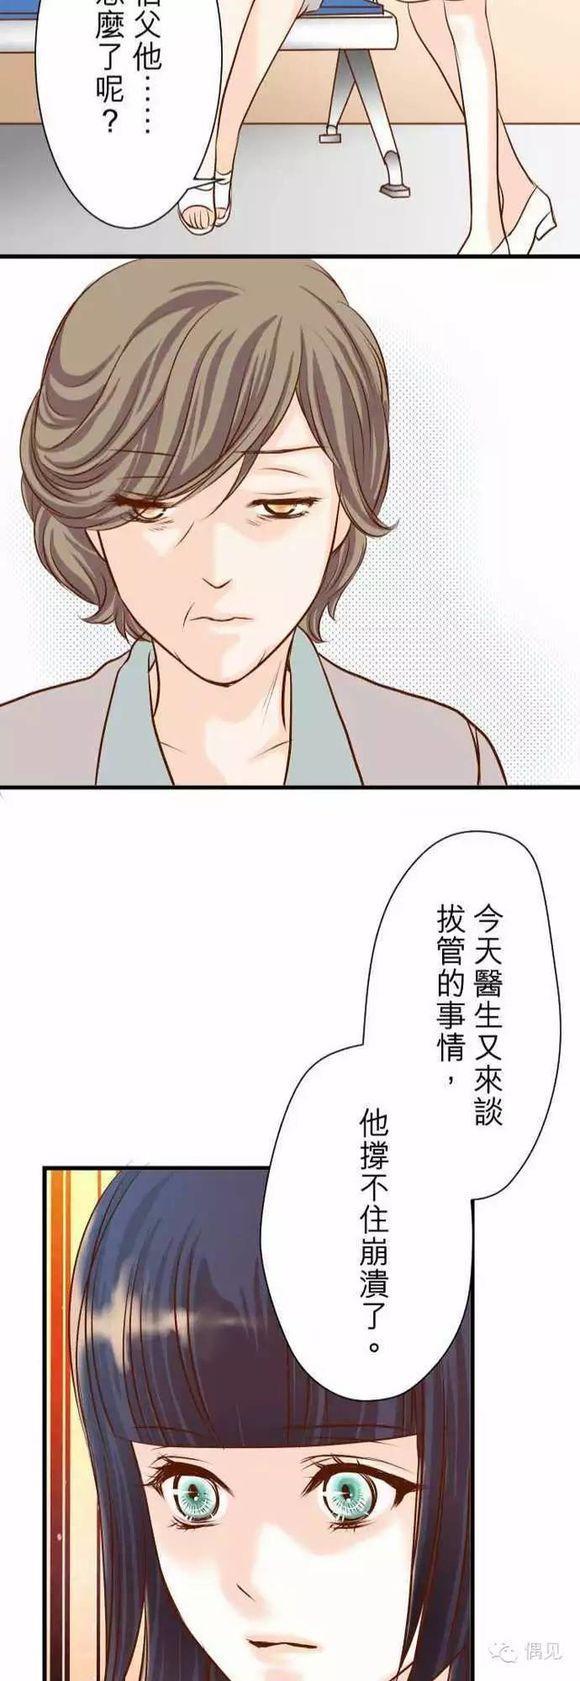 漫畫《復仇要冷冷端上》:你們讓她受到的傷害,我會加倍奉還 - 每日頭條